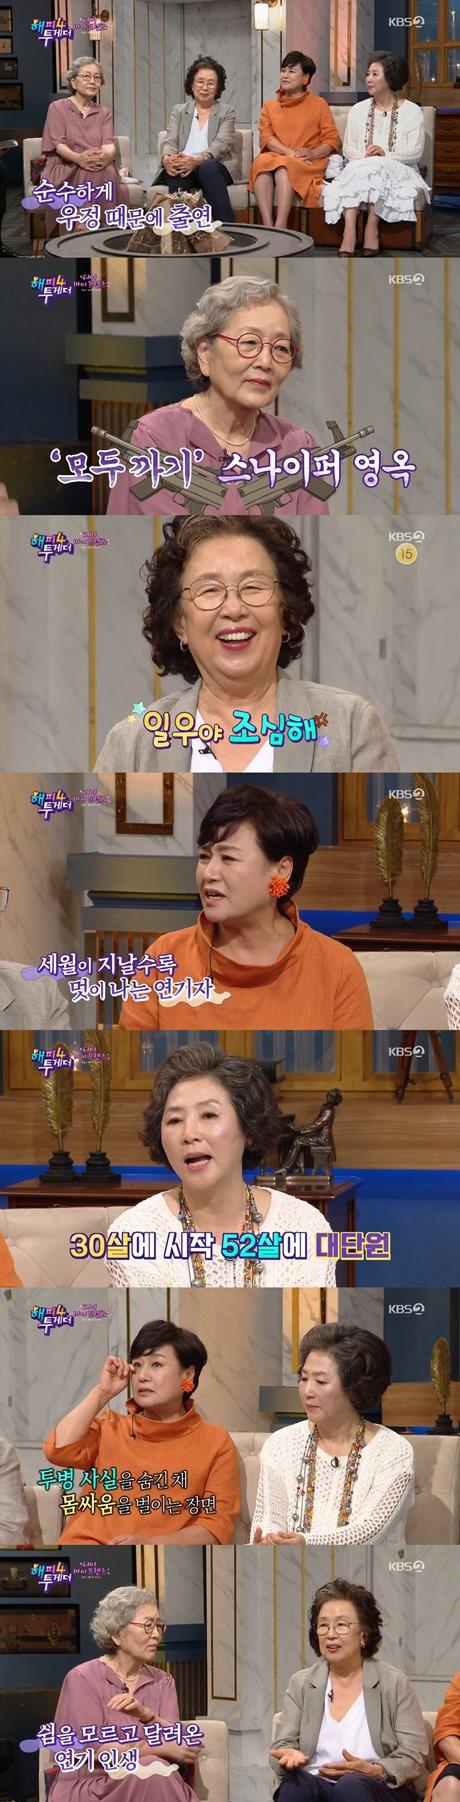 '해투4' 김영옥-나문희-박원숙-고두심, 진짜 토크쇼다웠던 인생 방송 '웃음+눈물'